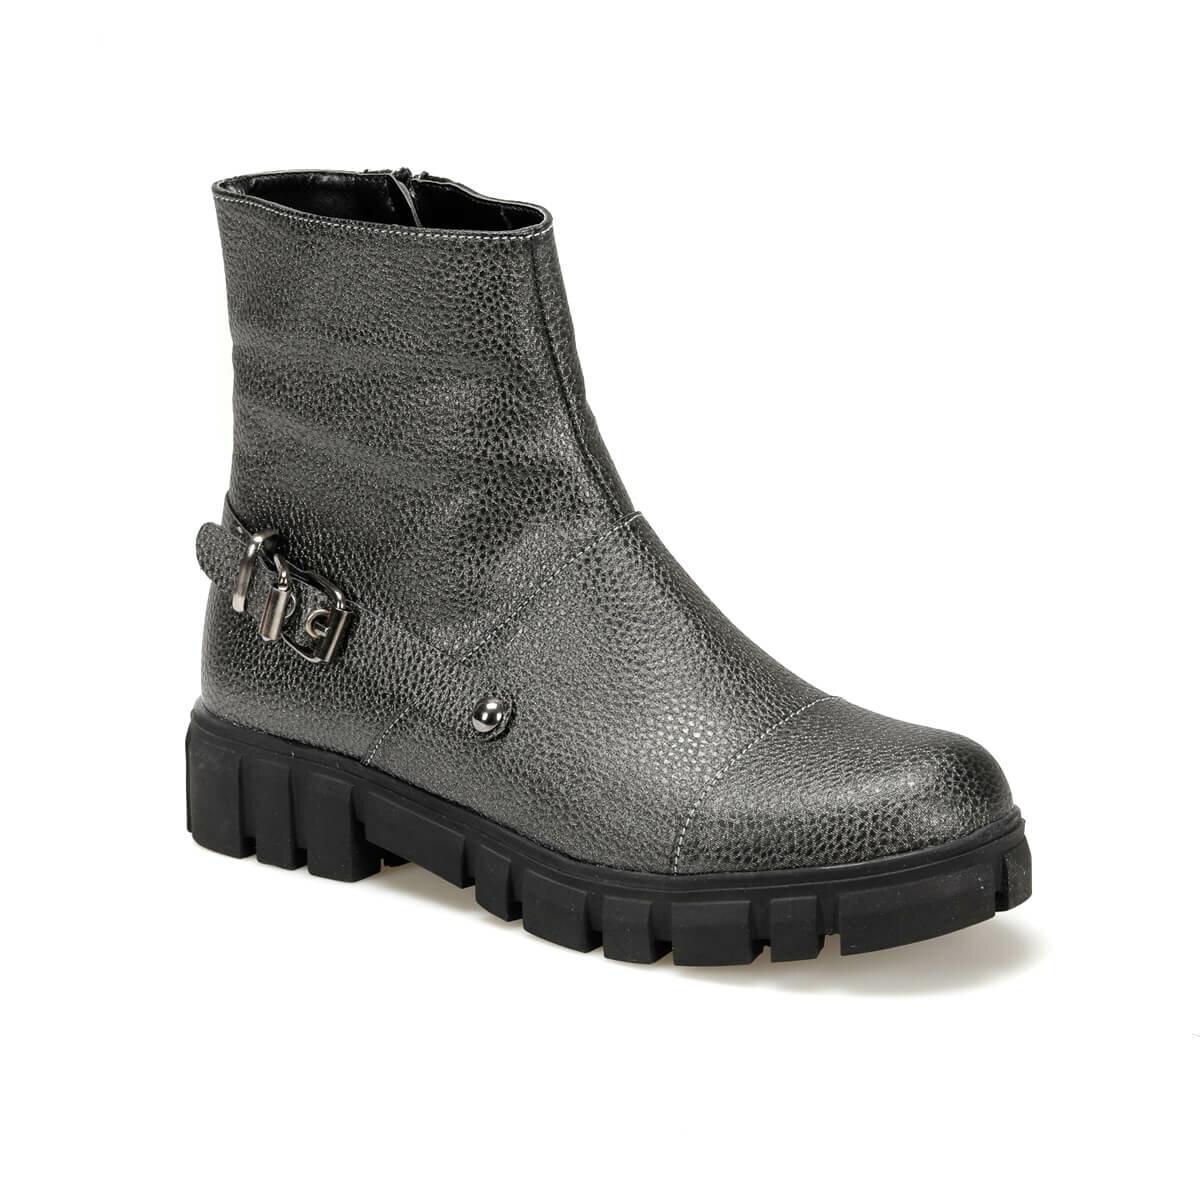 FLO MEGY17Y SKIN Anthracite Women Boots BUTIGO